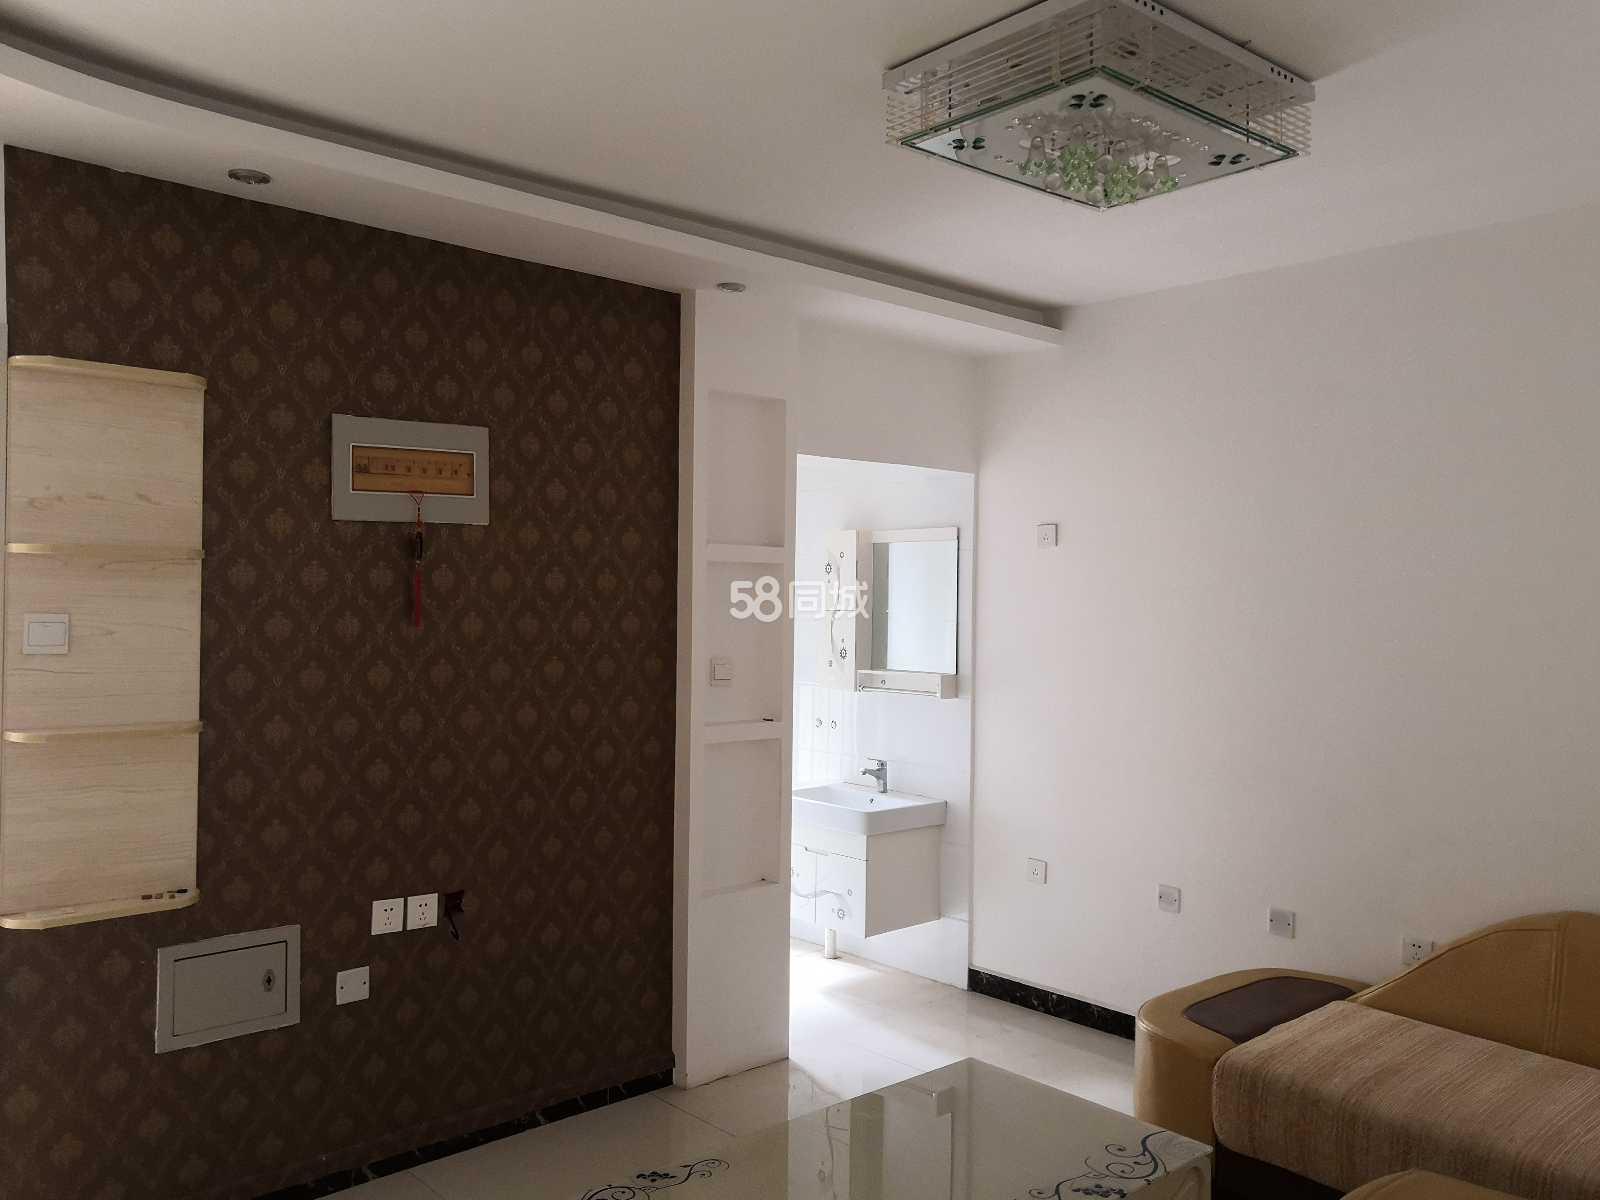 上海公馆1室1厅1卫